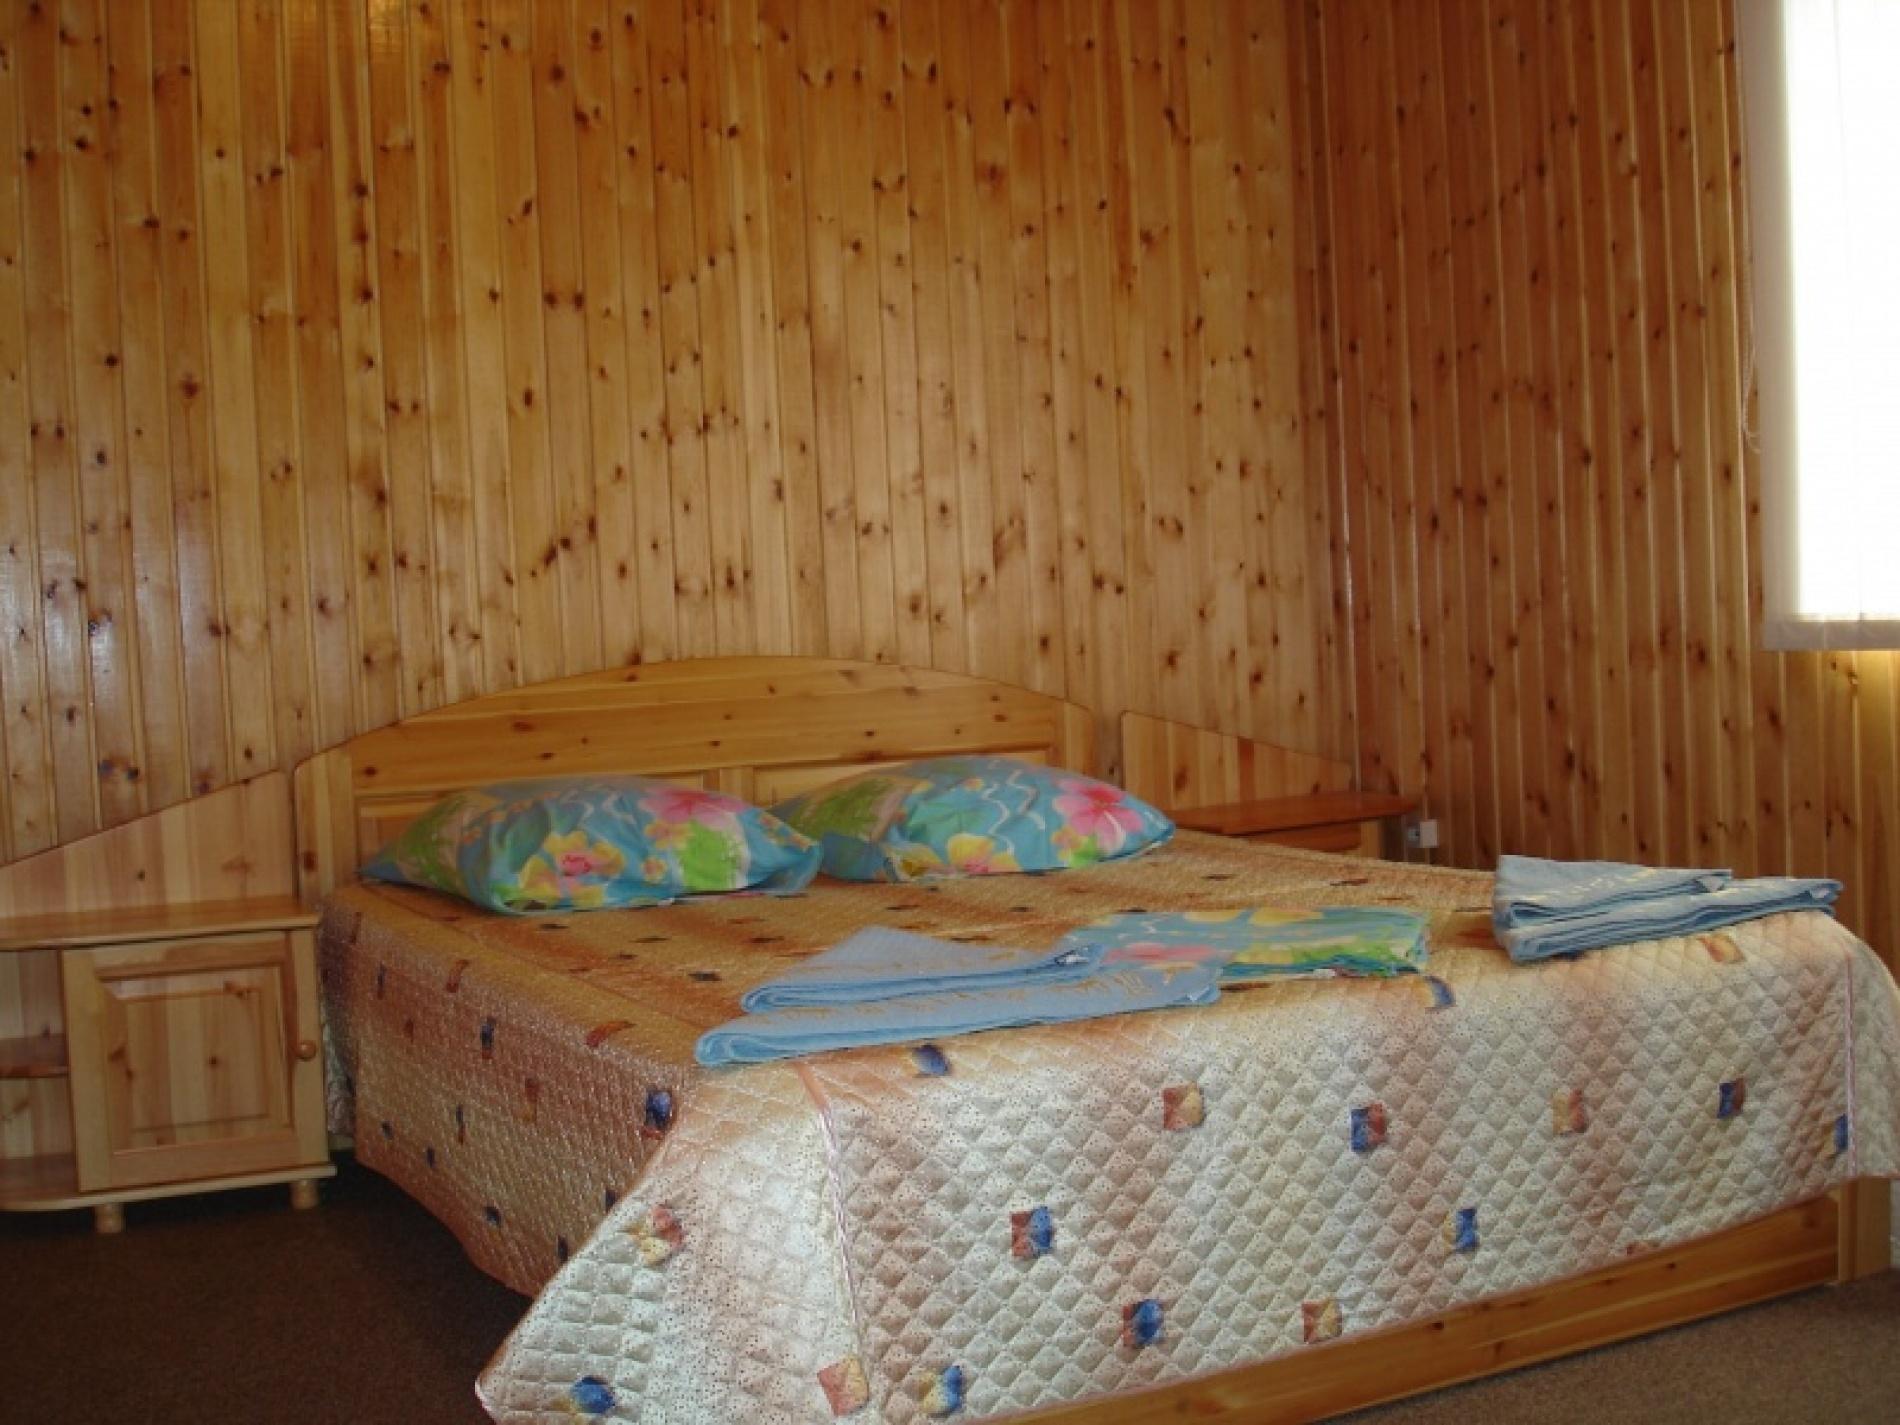 База отдыха им. Стрельникова Омская область Рубленый дом №3, фото 2